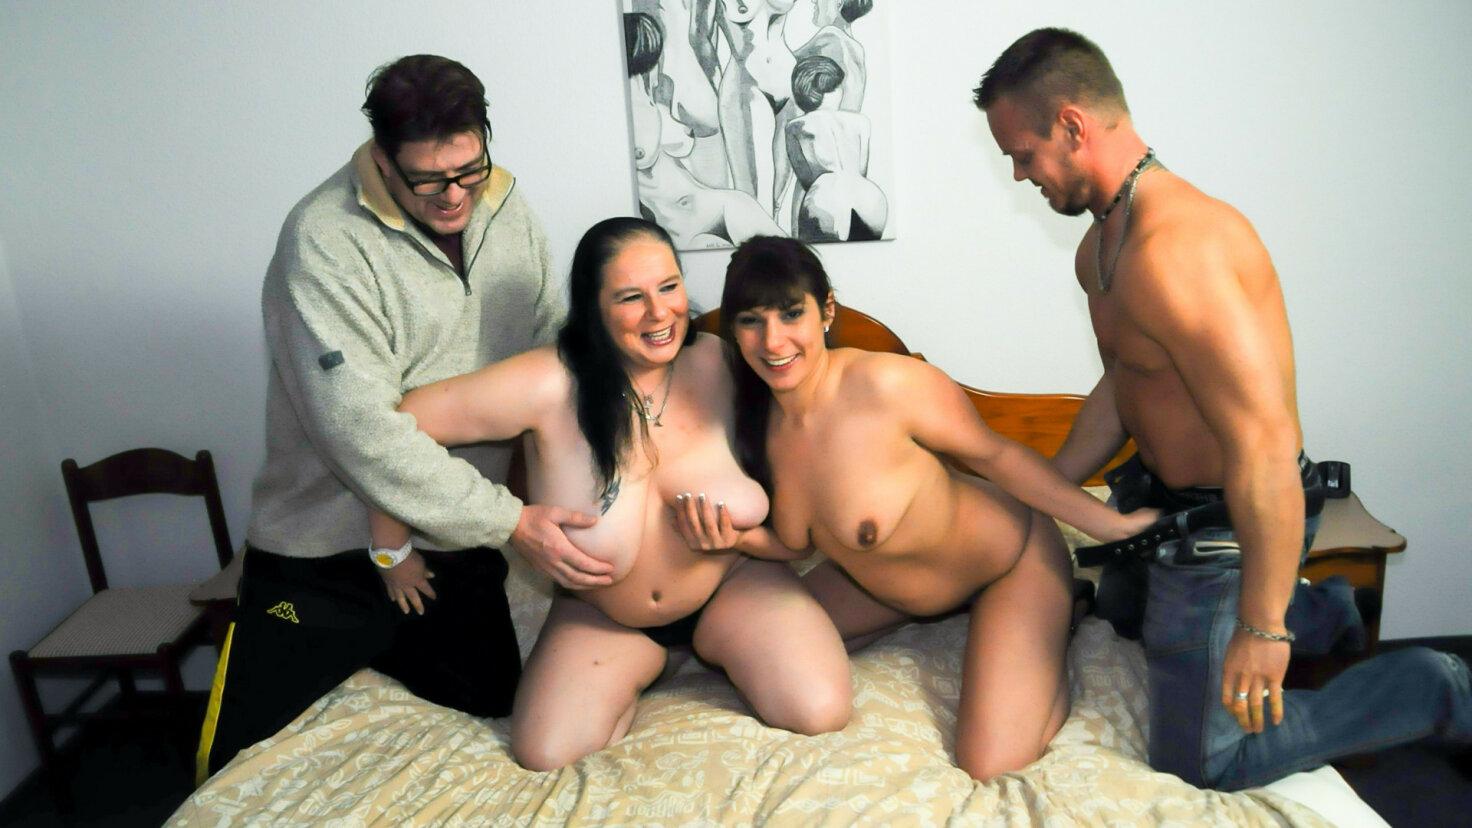 परिपक्व समूह सेक्स